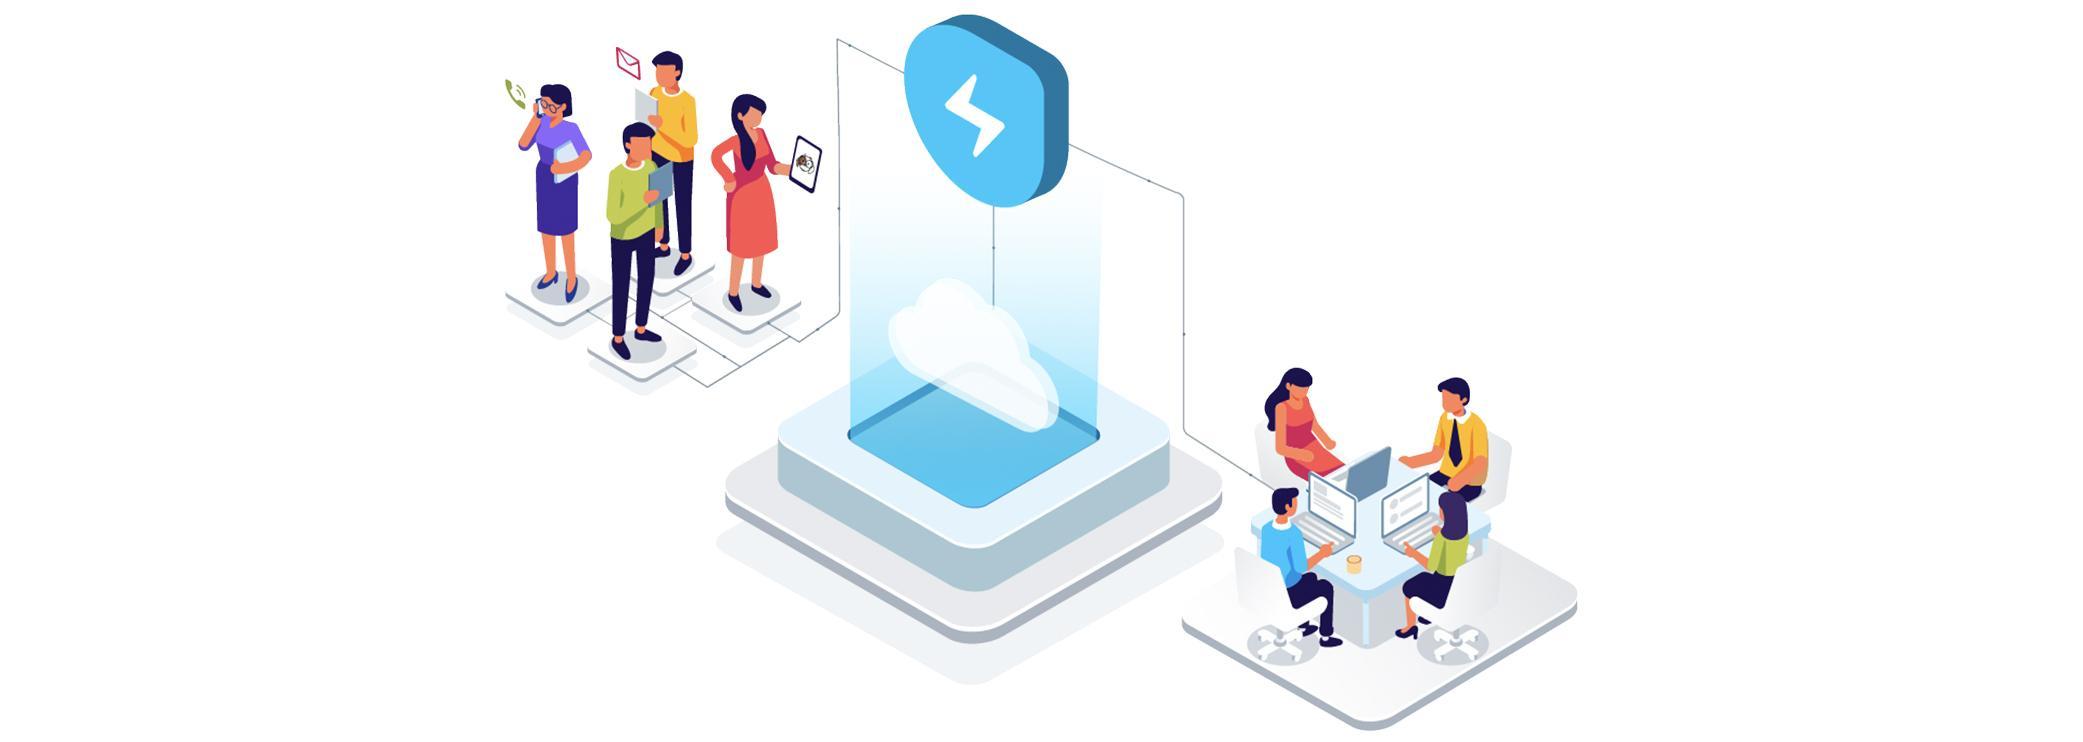 Review Freshservice: Next-Generation IT Service Management Solution - appvizer